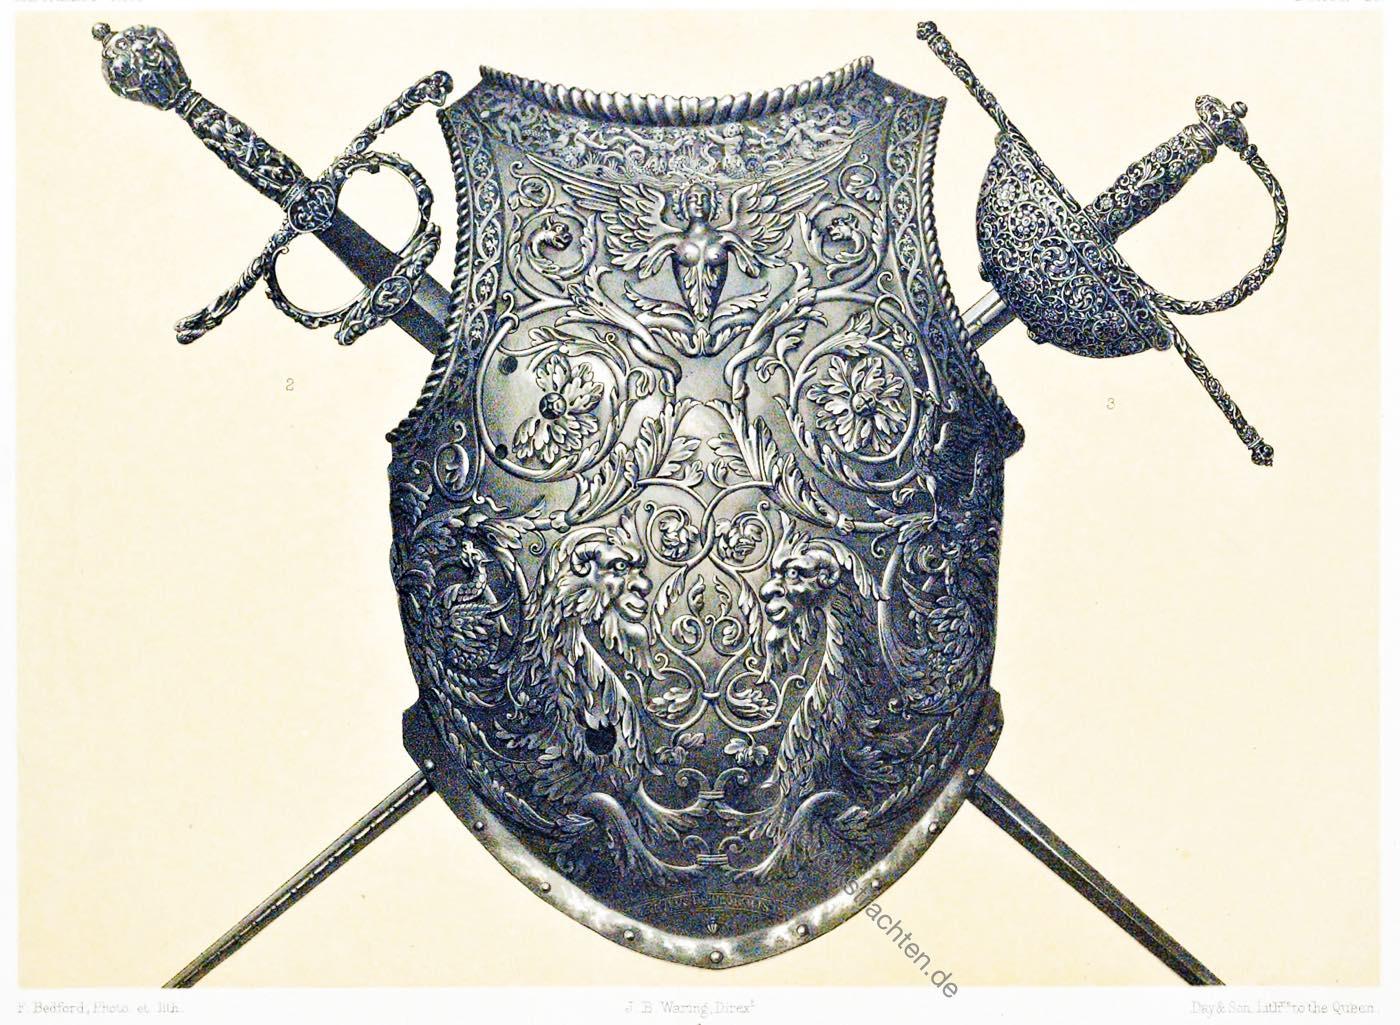 Rapiers, Rüstkammer, Brustschild, Waffen, Renaissance, Moritz, Kurfürst, Sachsen, Hiebwaffen